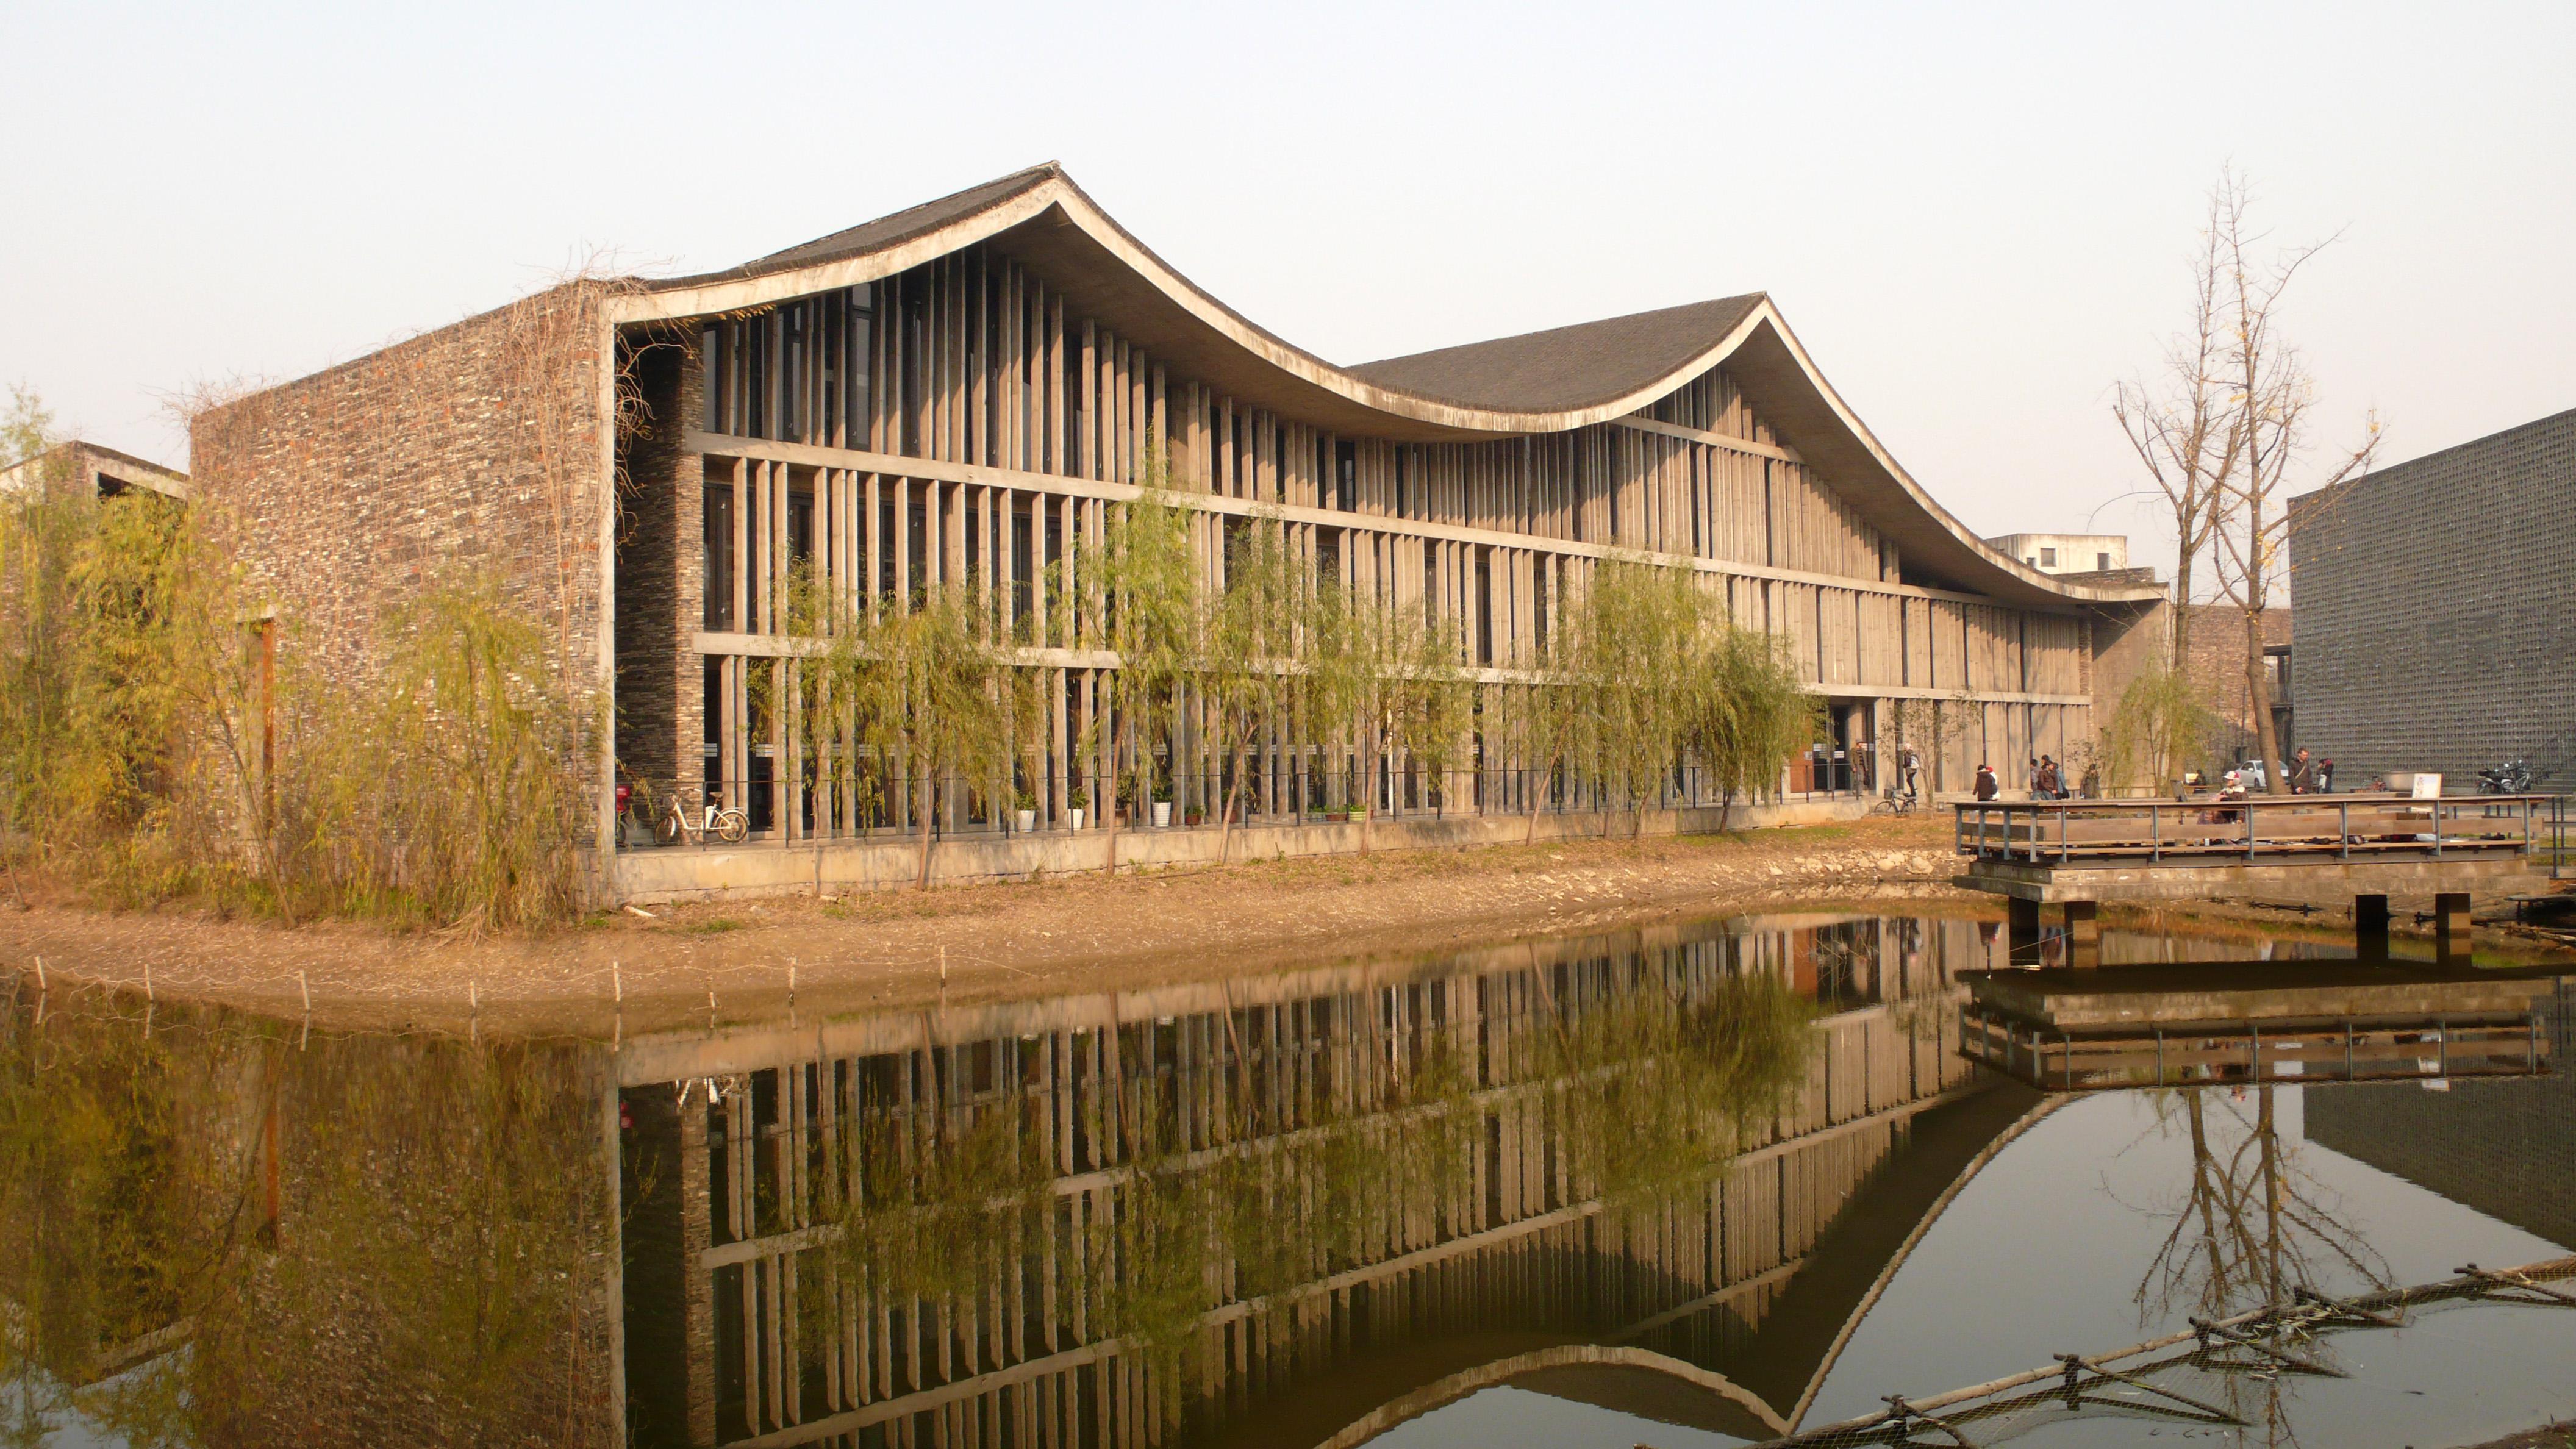 Wang shu quimper - Prix du meilleur architecte ...